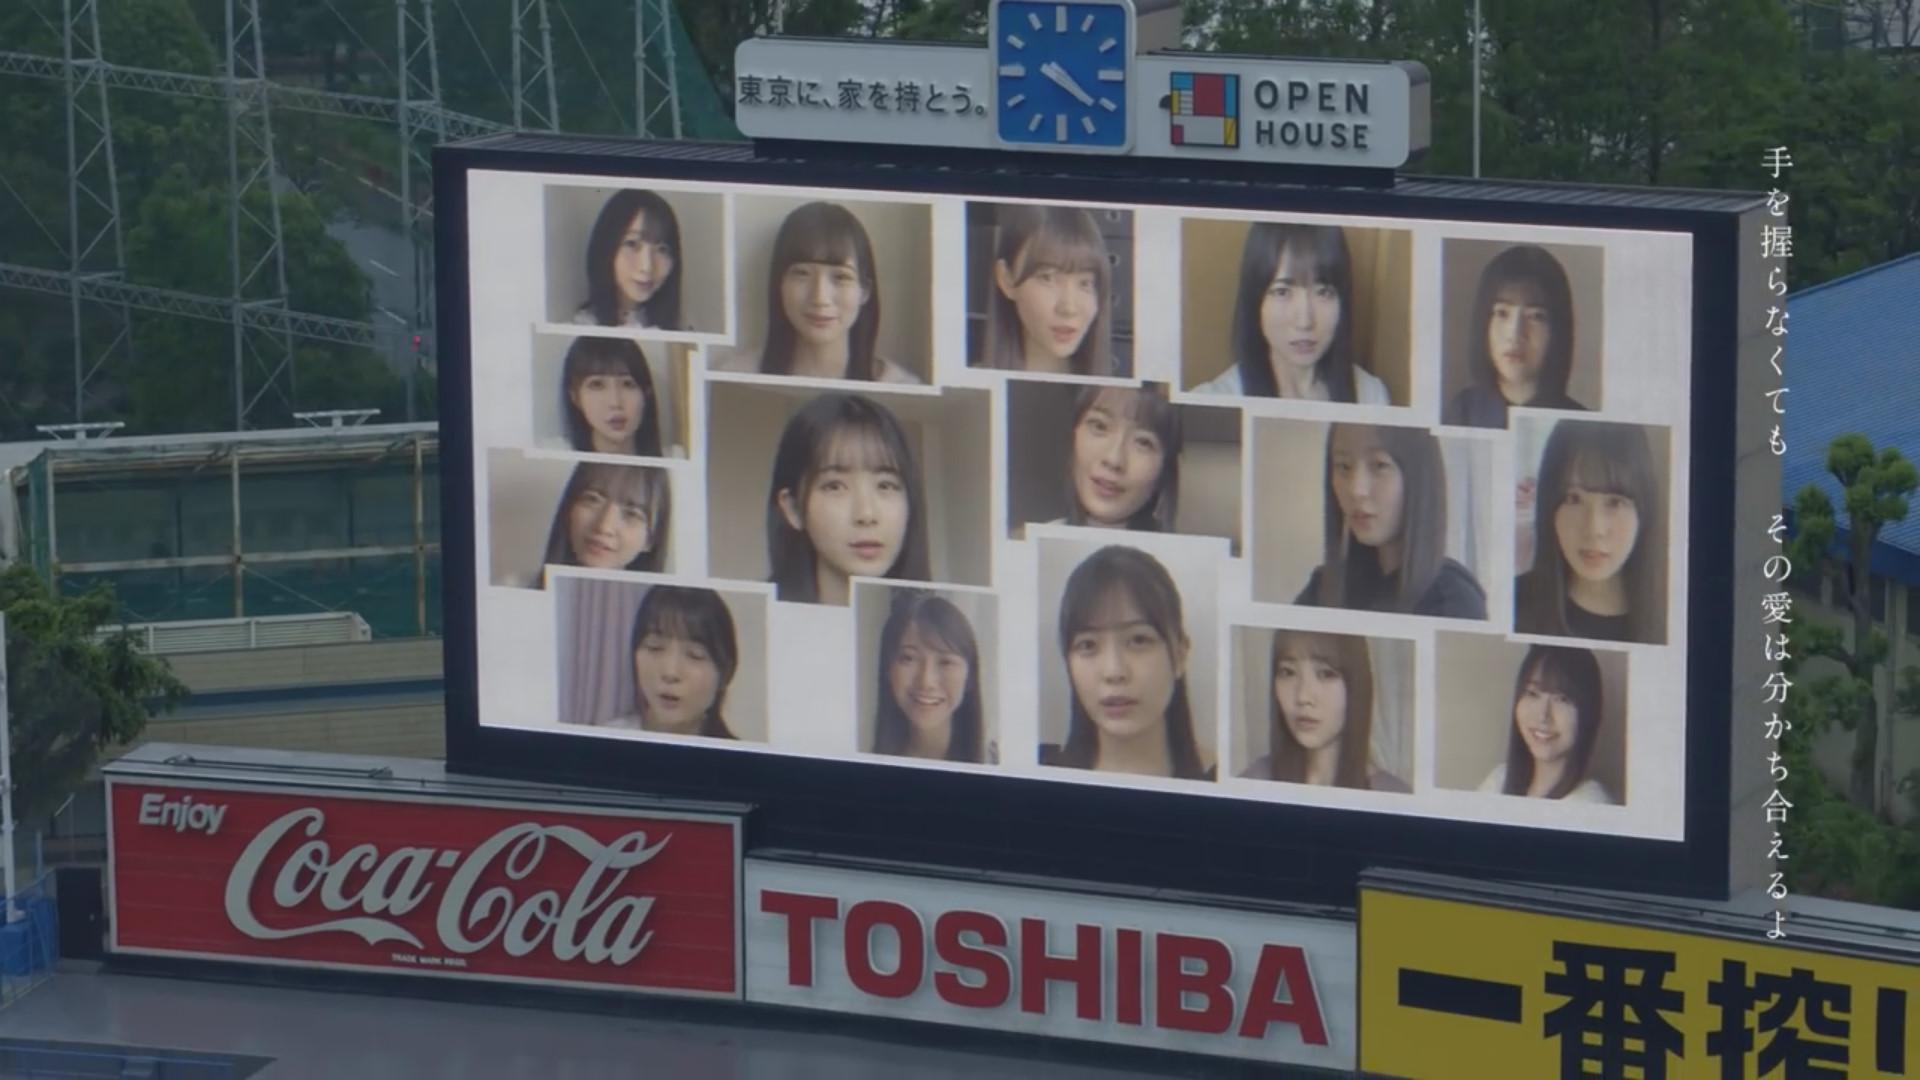 乃木坂46「世界中の隣人よ」MV 佐藤璃果